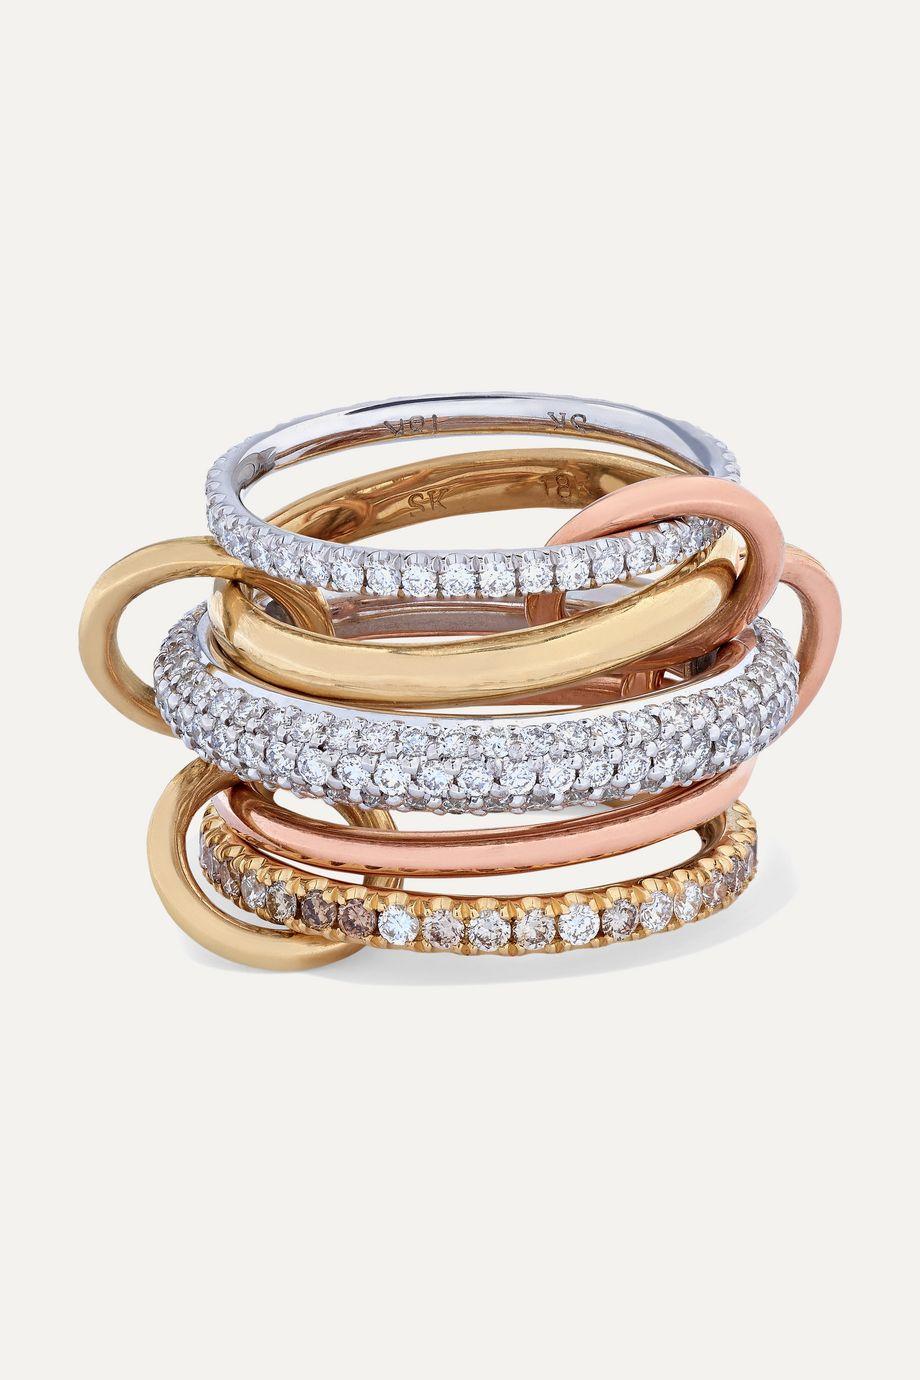 Spinelli Kilcollin Leo Set aus fünf Ringen aus 18 Karat Weiß-, Gelb- und Roségold mit Diamanten